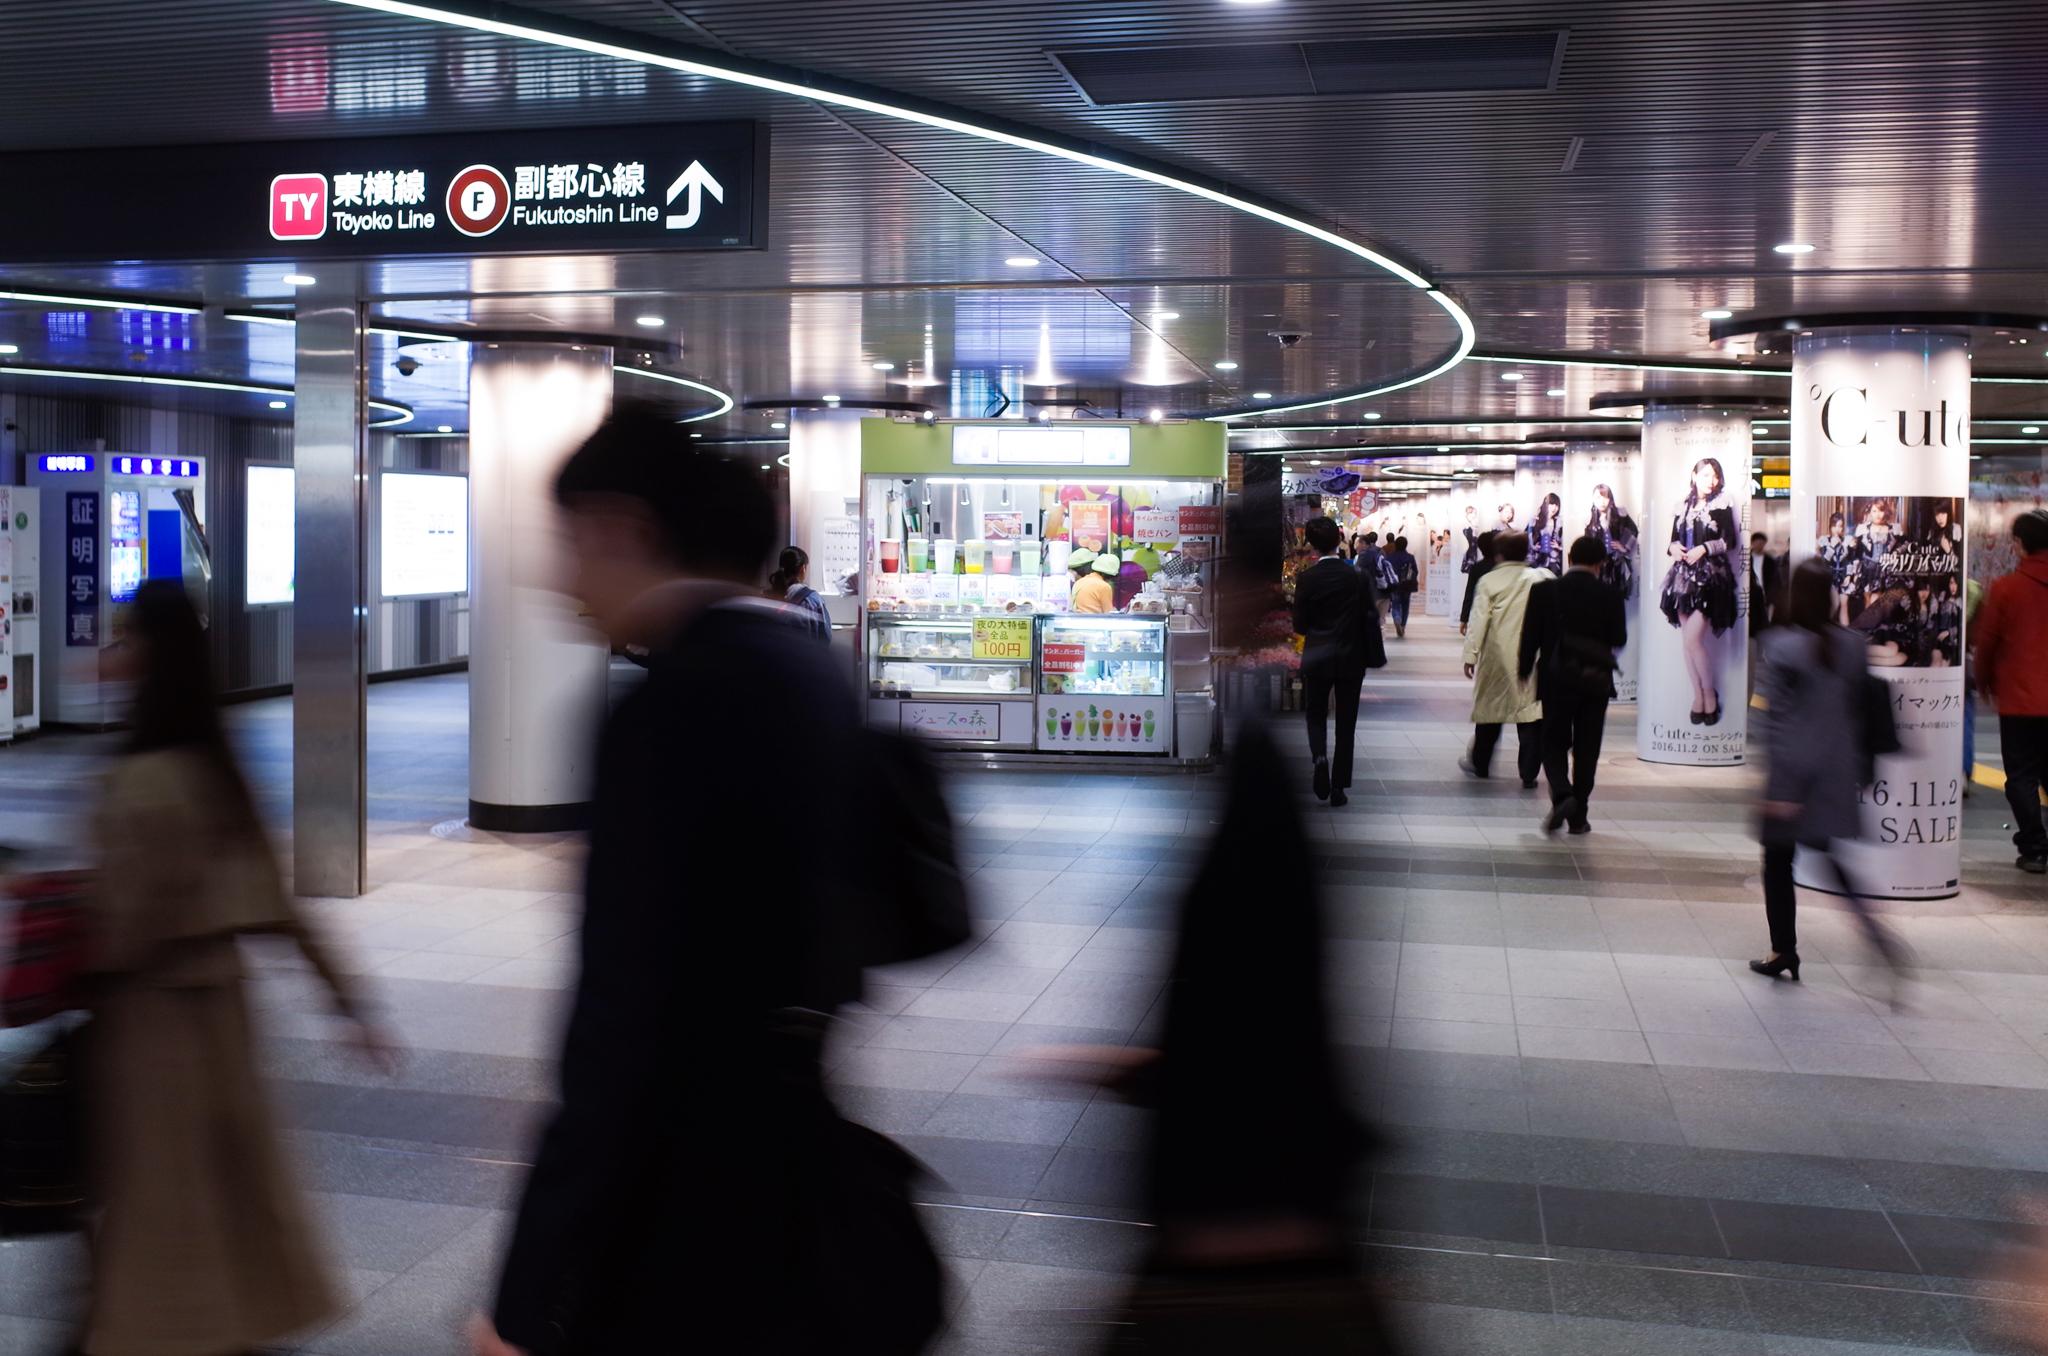 f:id:mitsuya0:20161115001027j:plain